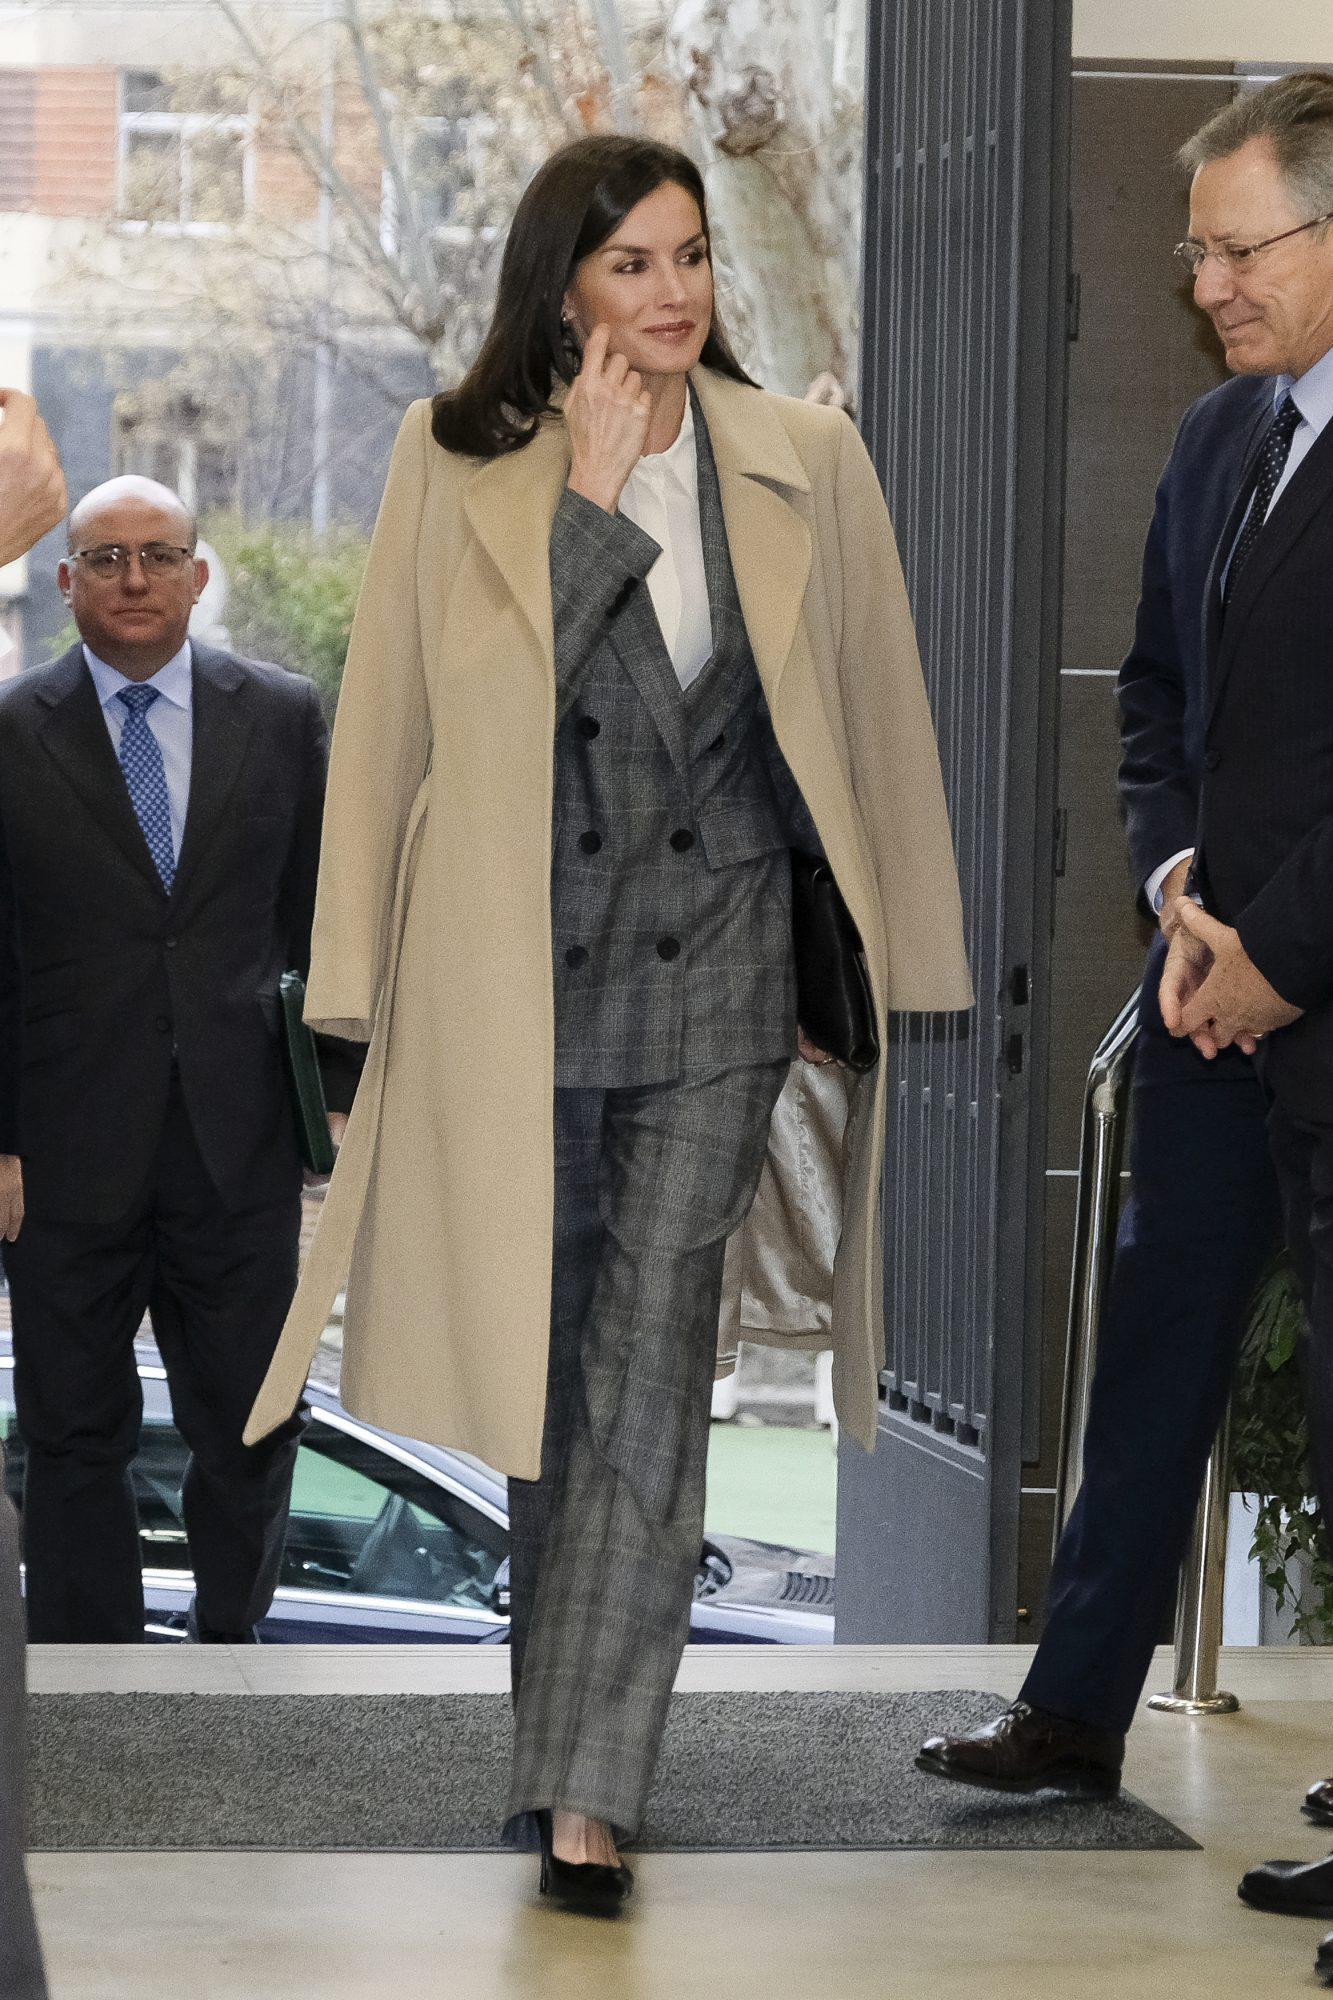 La reina Letizia con traje gris